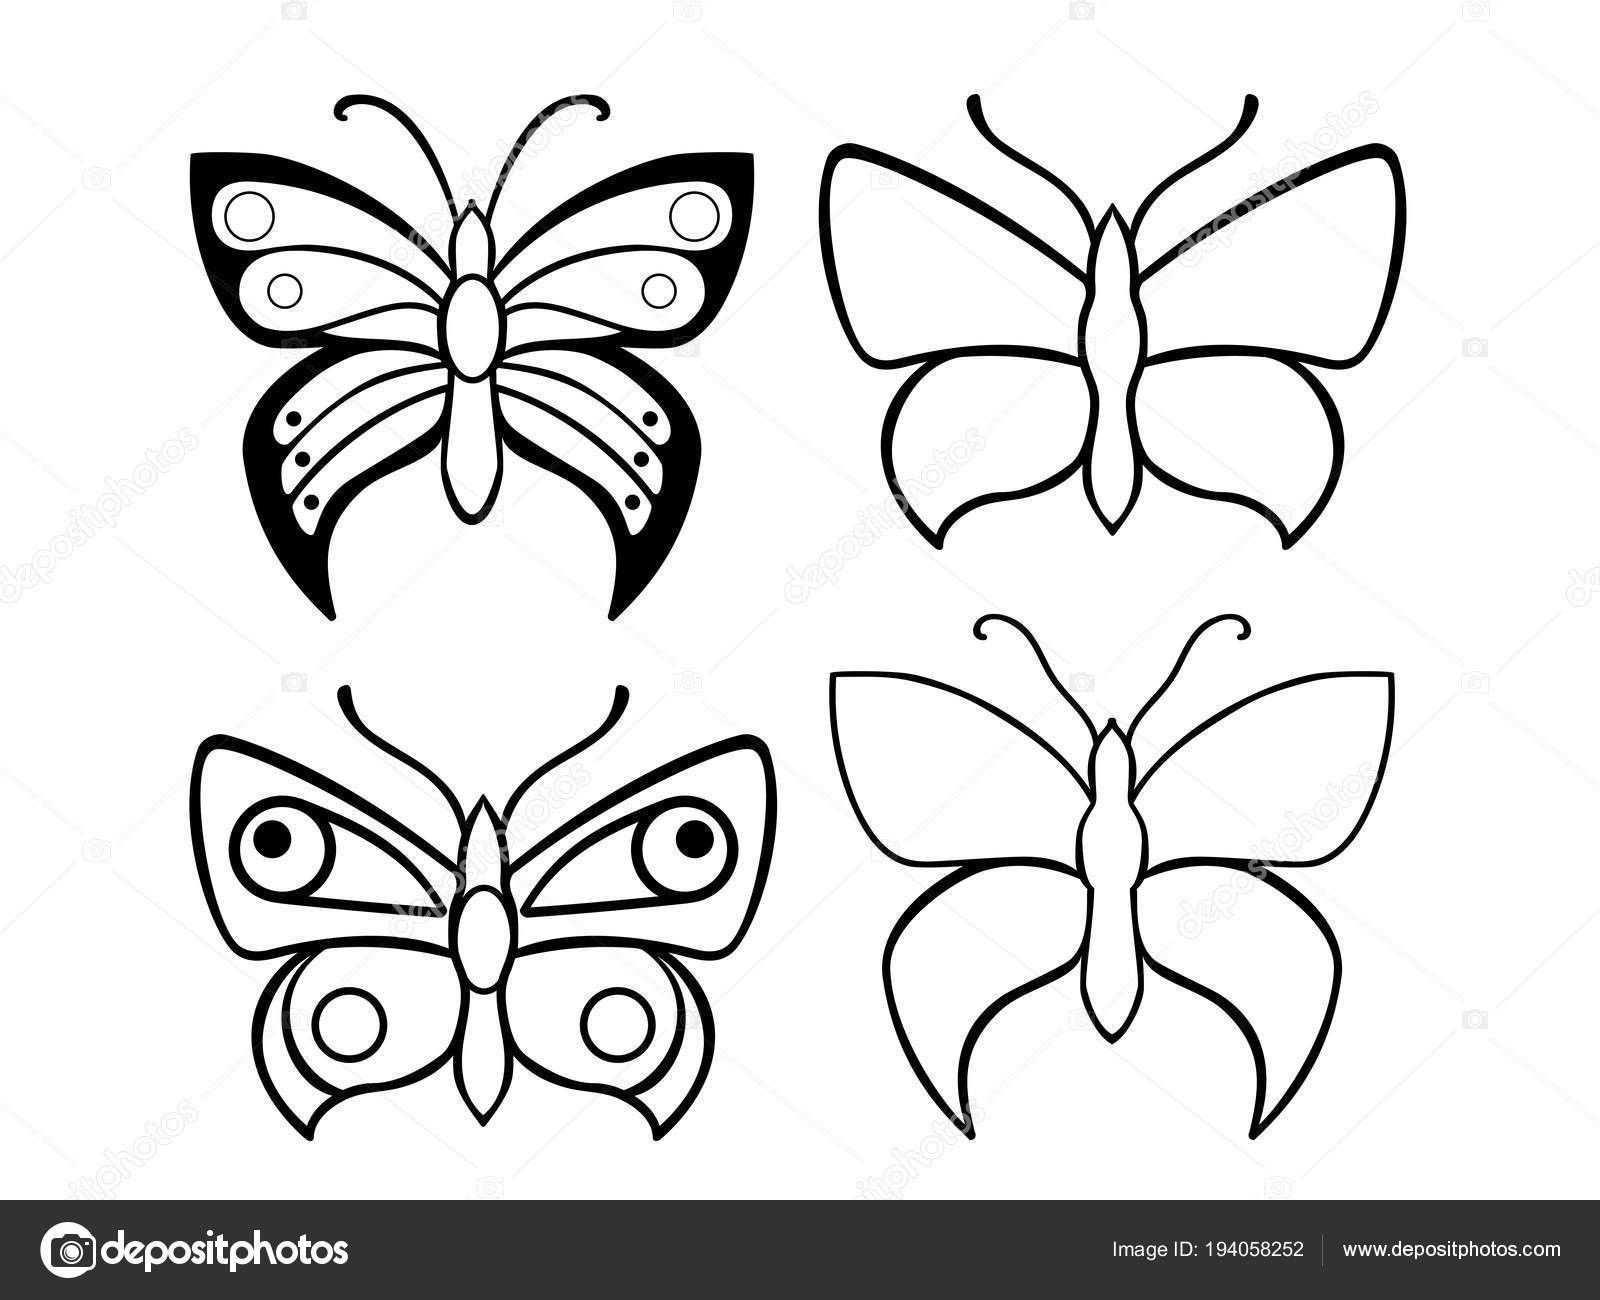 Neu Schmetterling Vorlagen Malvorlagen Malvorlagenfurkinder Malvorlagenfurerwachsene Schmetterling Vorlage Schmetterling Vorlage Basteln Vorlagen